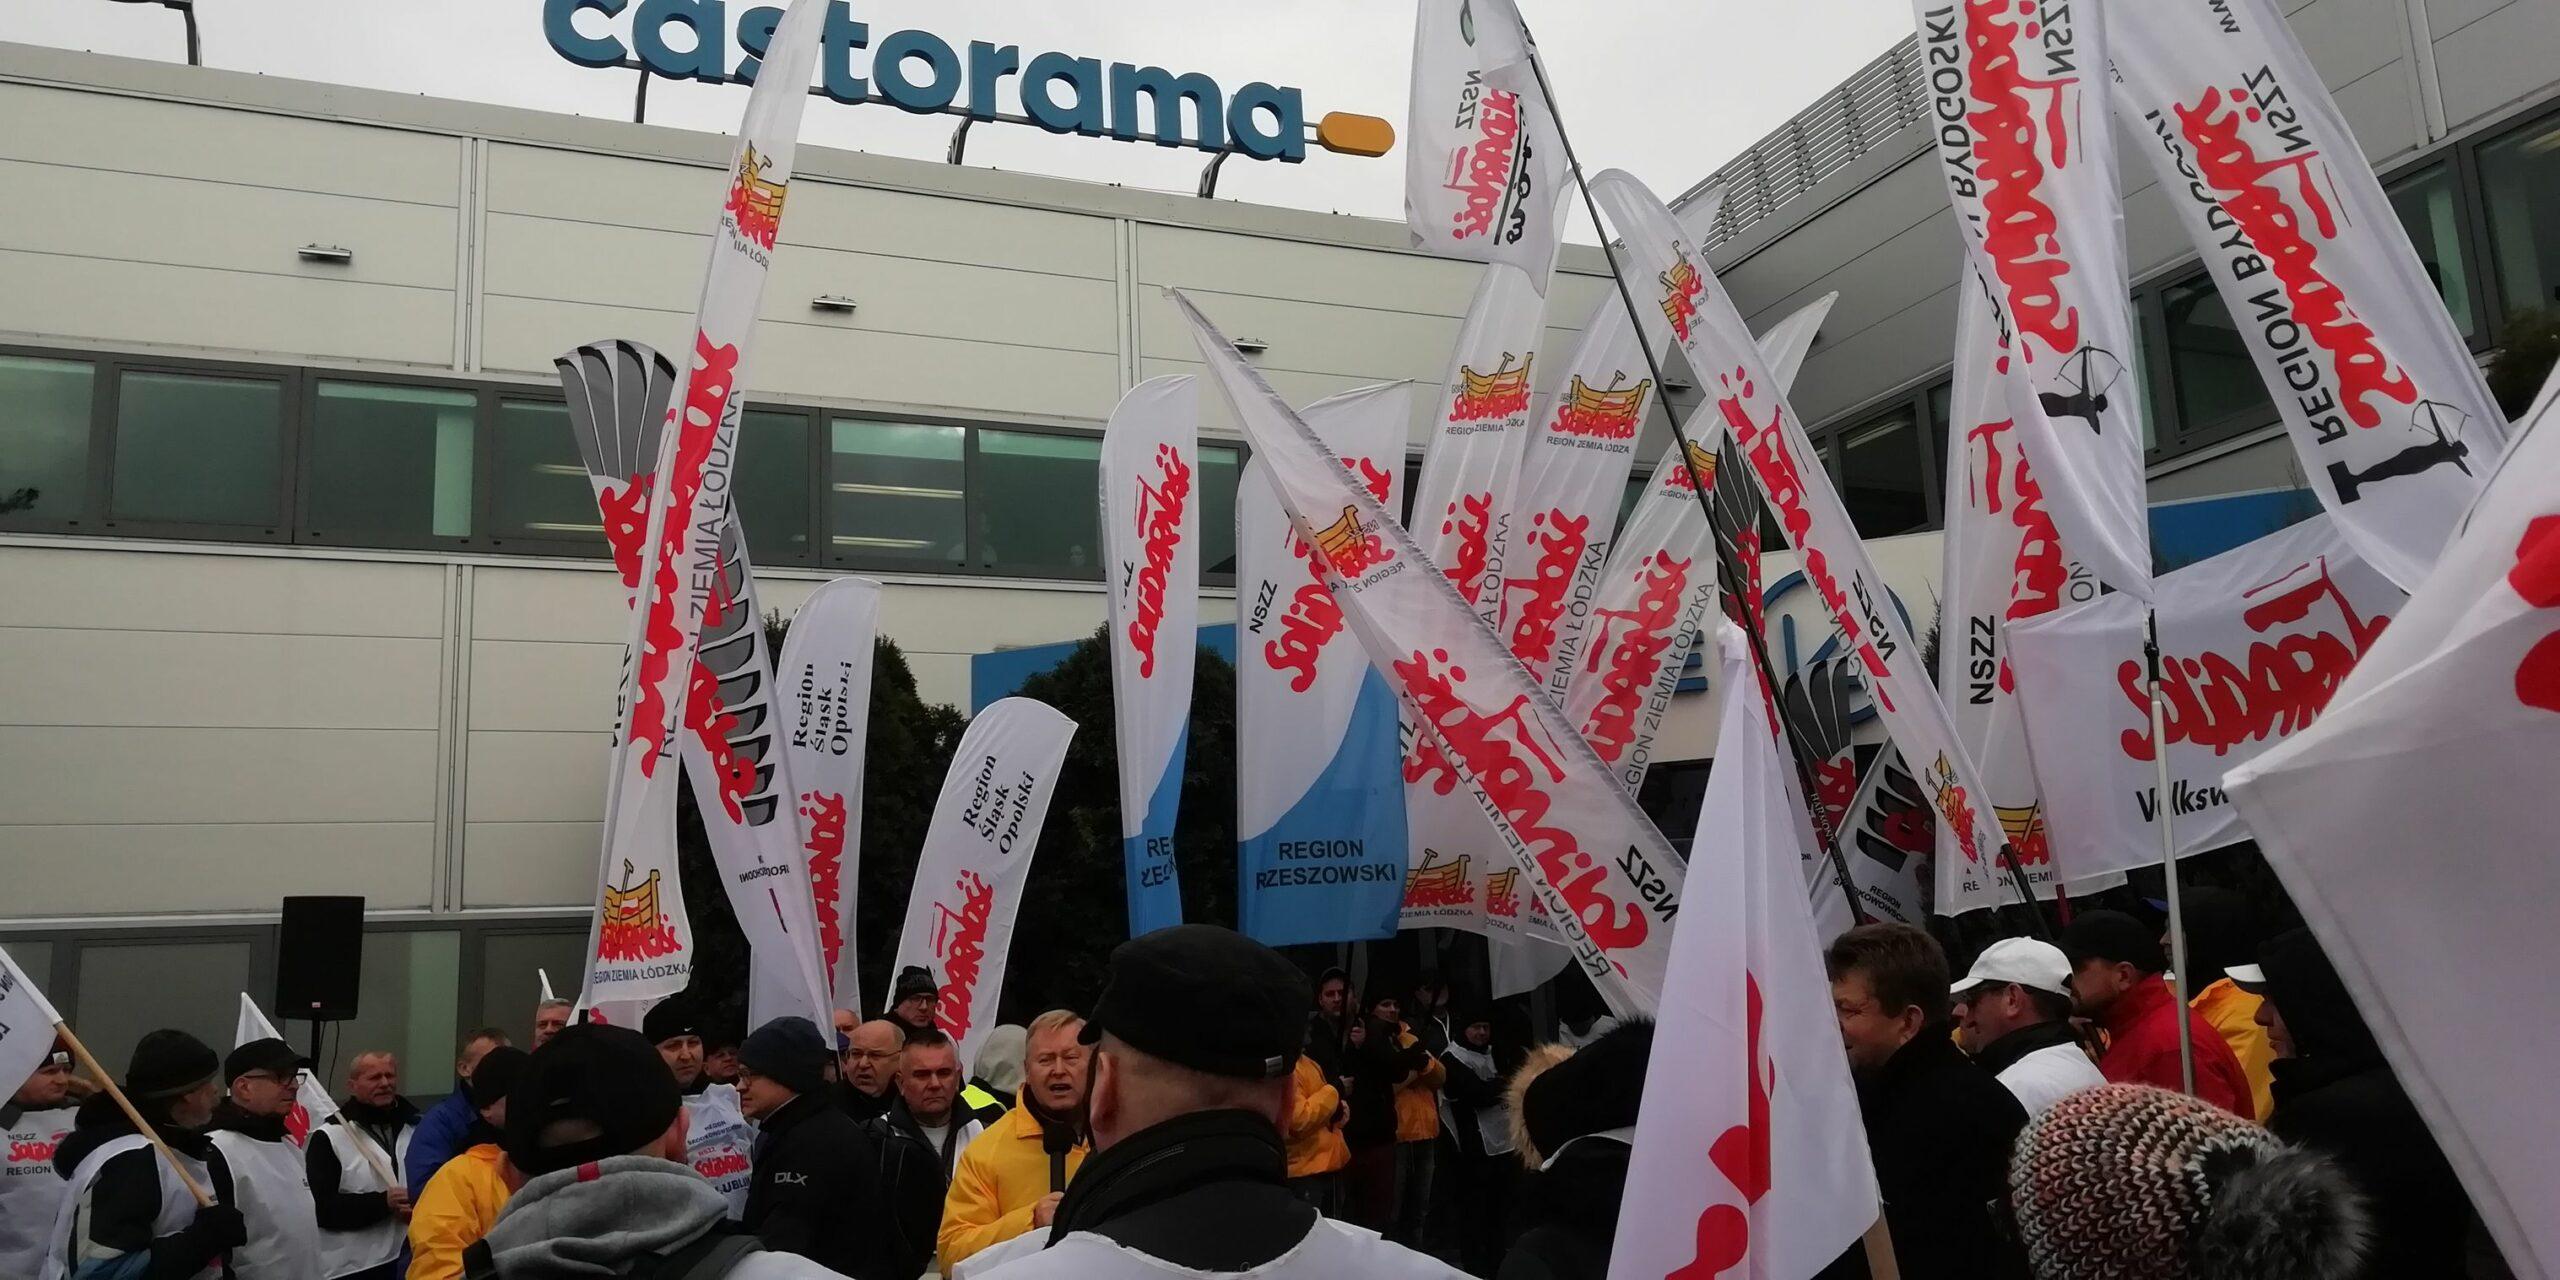 """W. Kasprzyk (""""S"""" w Castoramie): Związki zawodowe nie są popularne w korporacjach."""